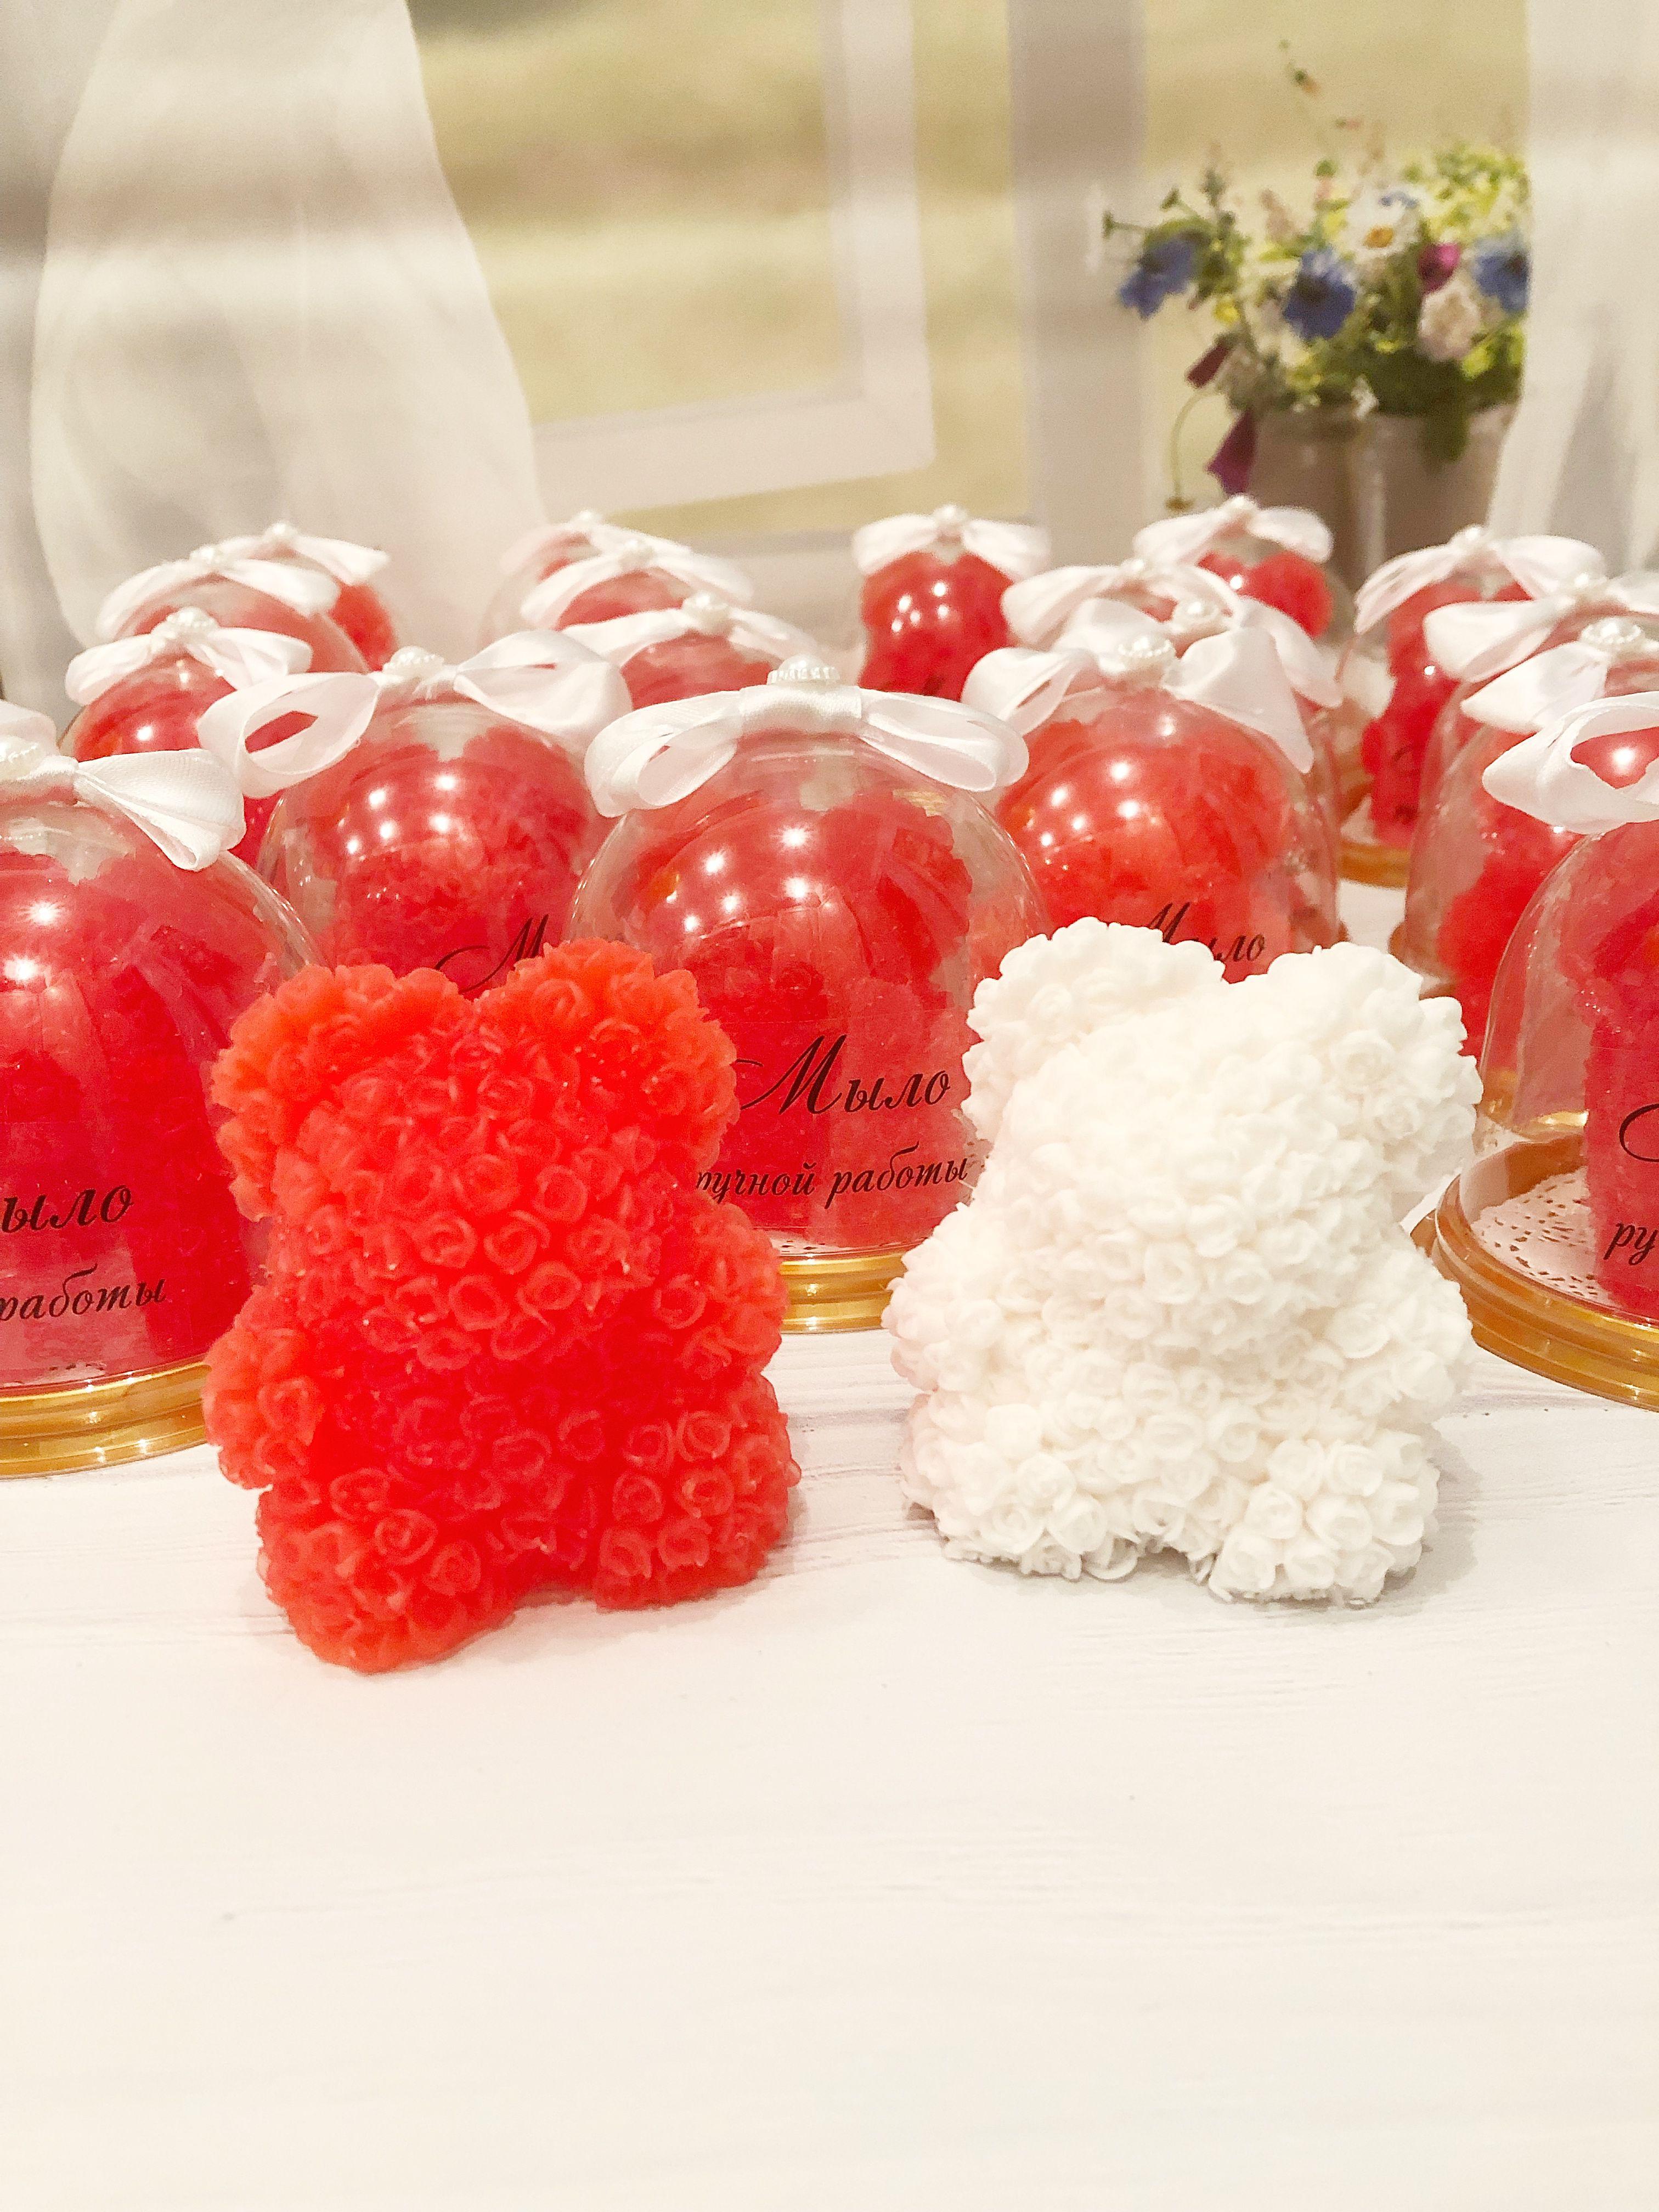 свадьбу подарок свадьбе гостей гостям свадебные для бонбоньерки свадьба